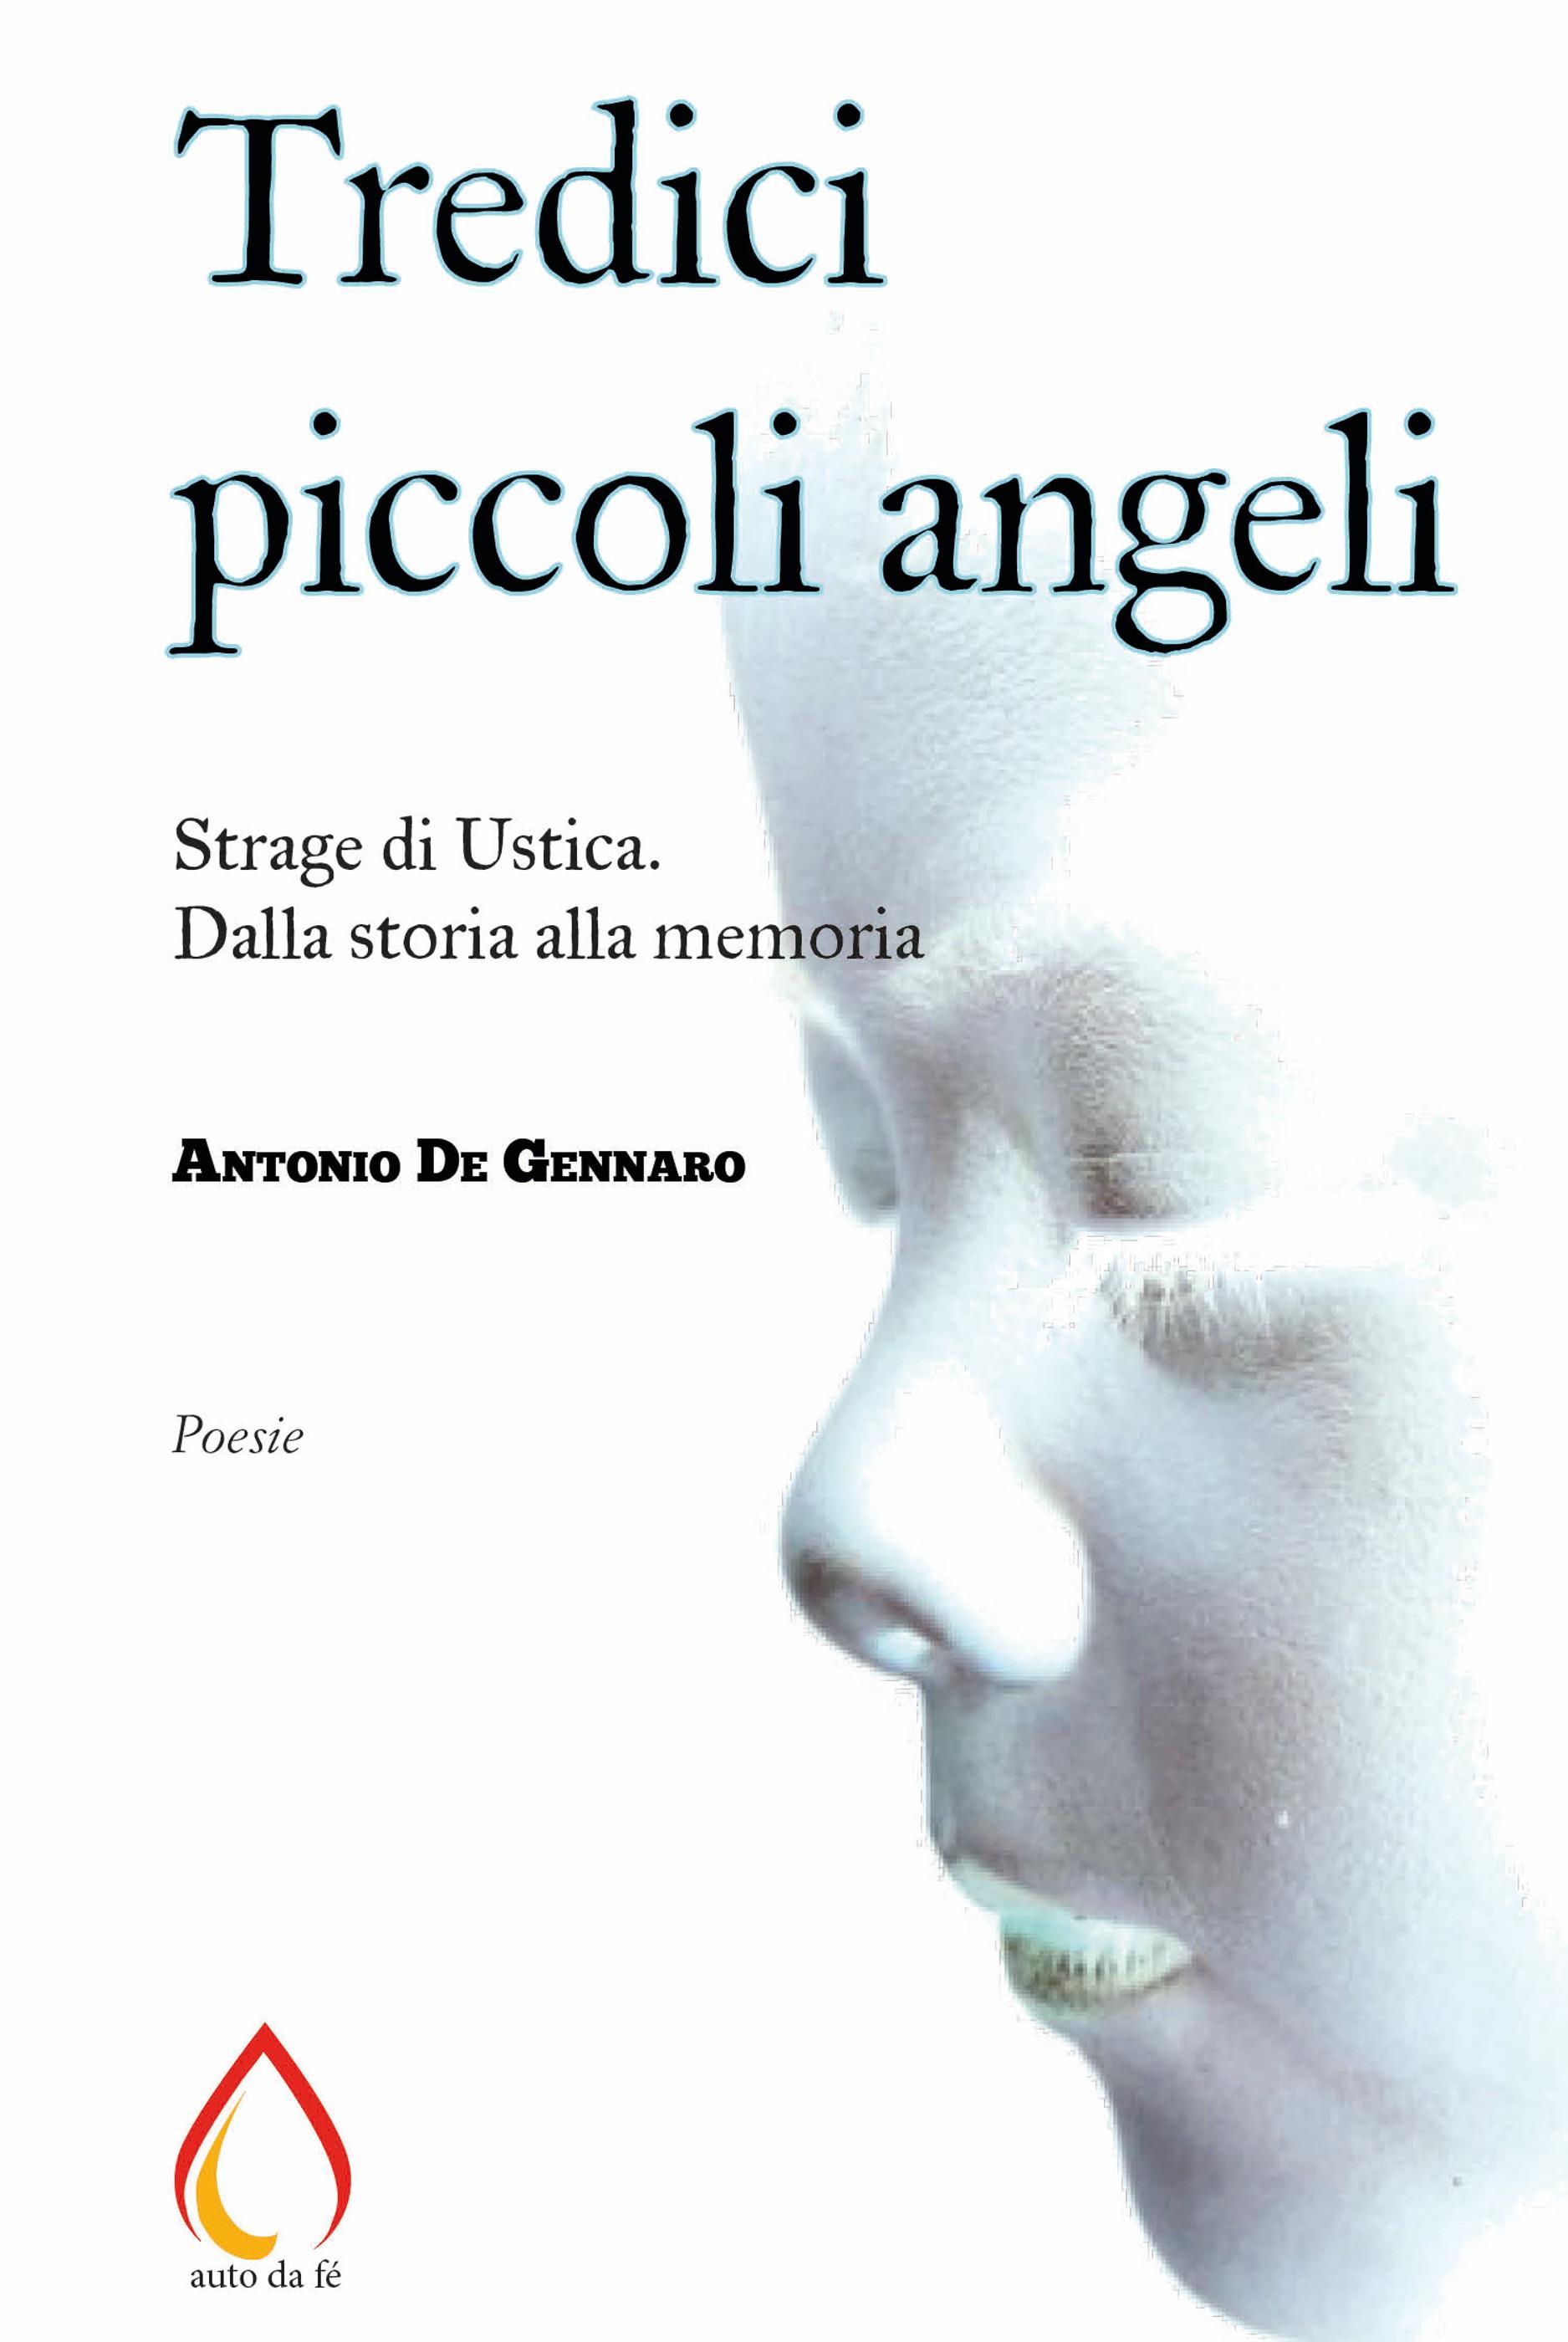 Tredici piccoli angeli: Strage di Ustica. Dalla storia alla memoria